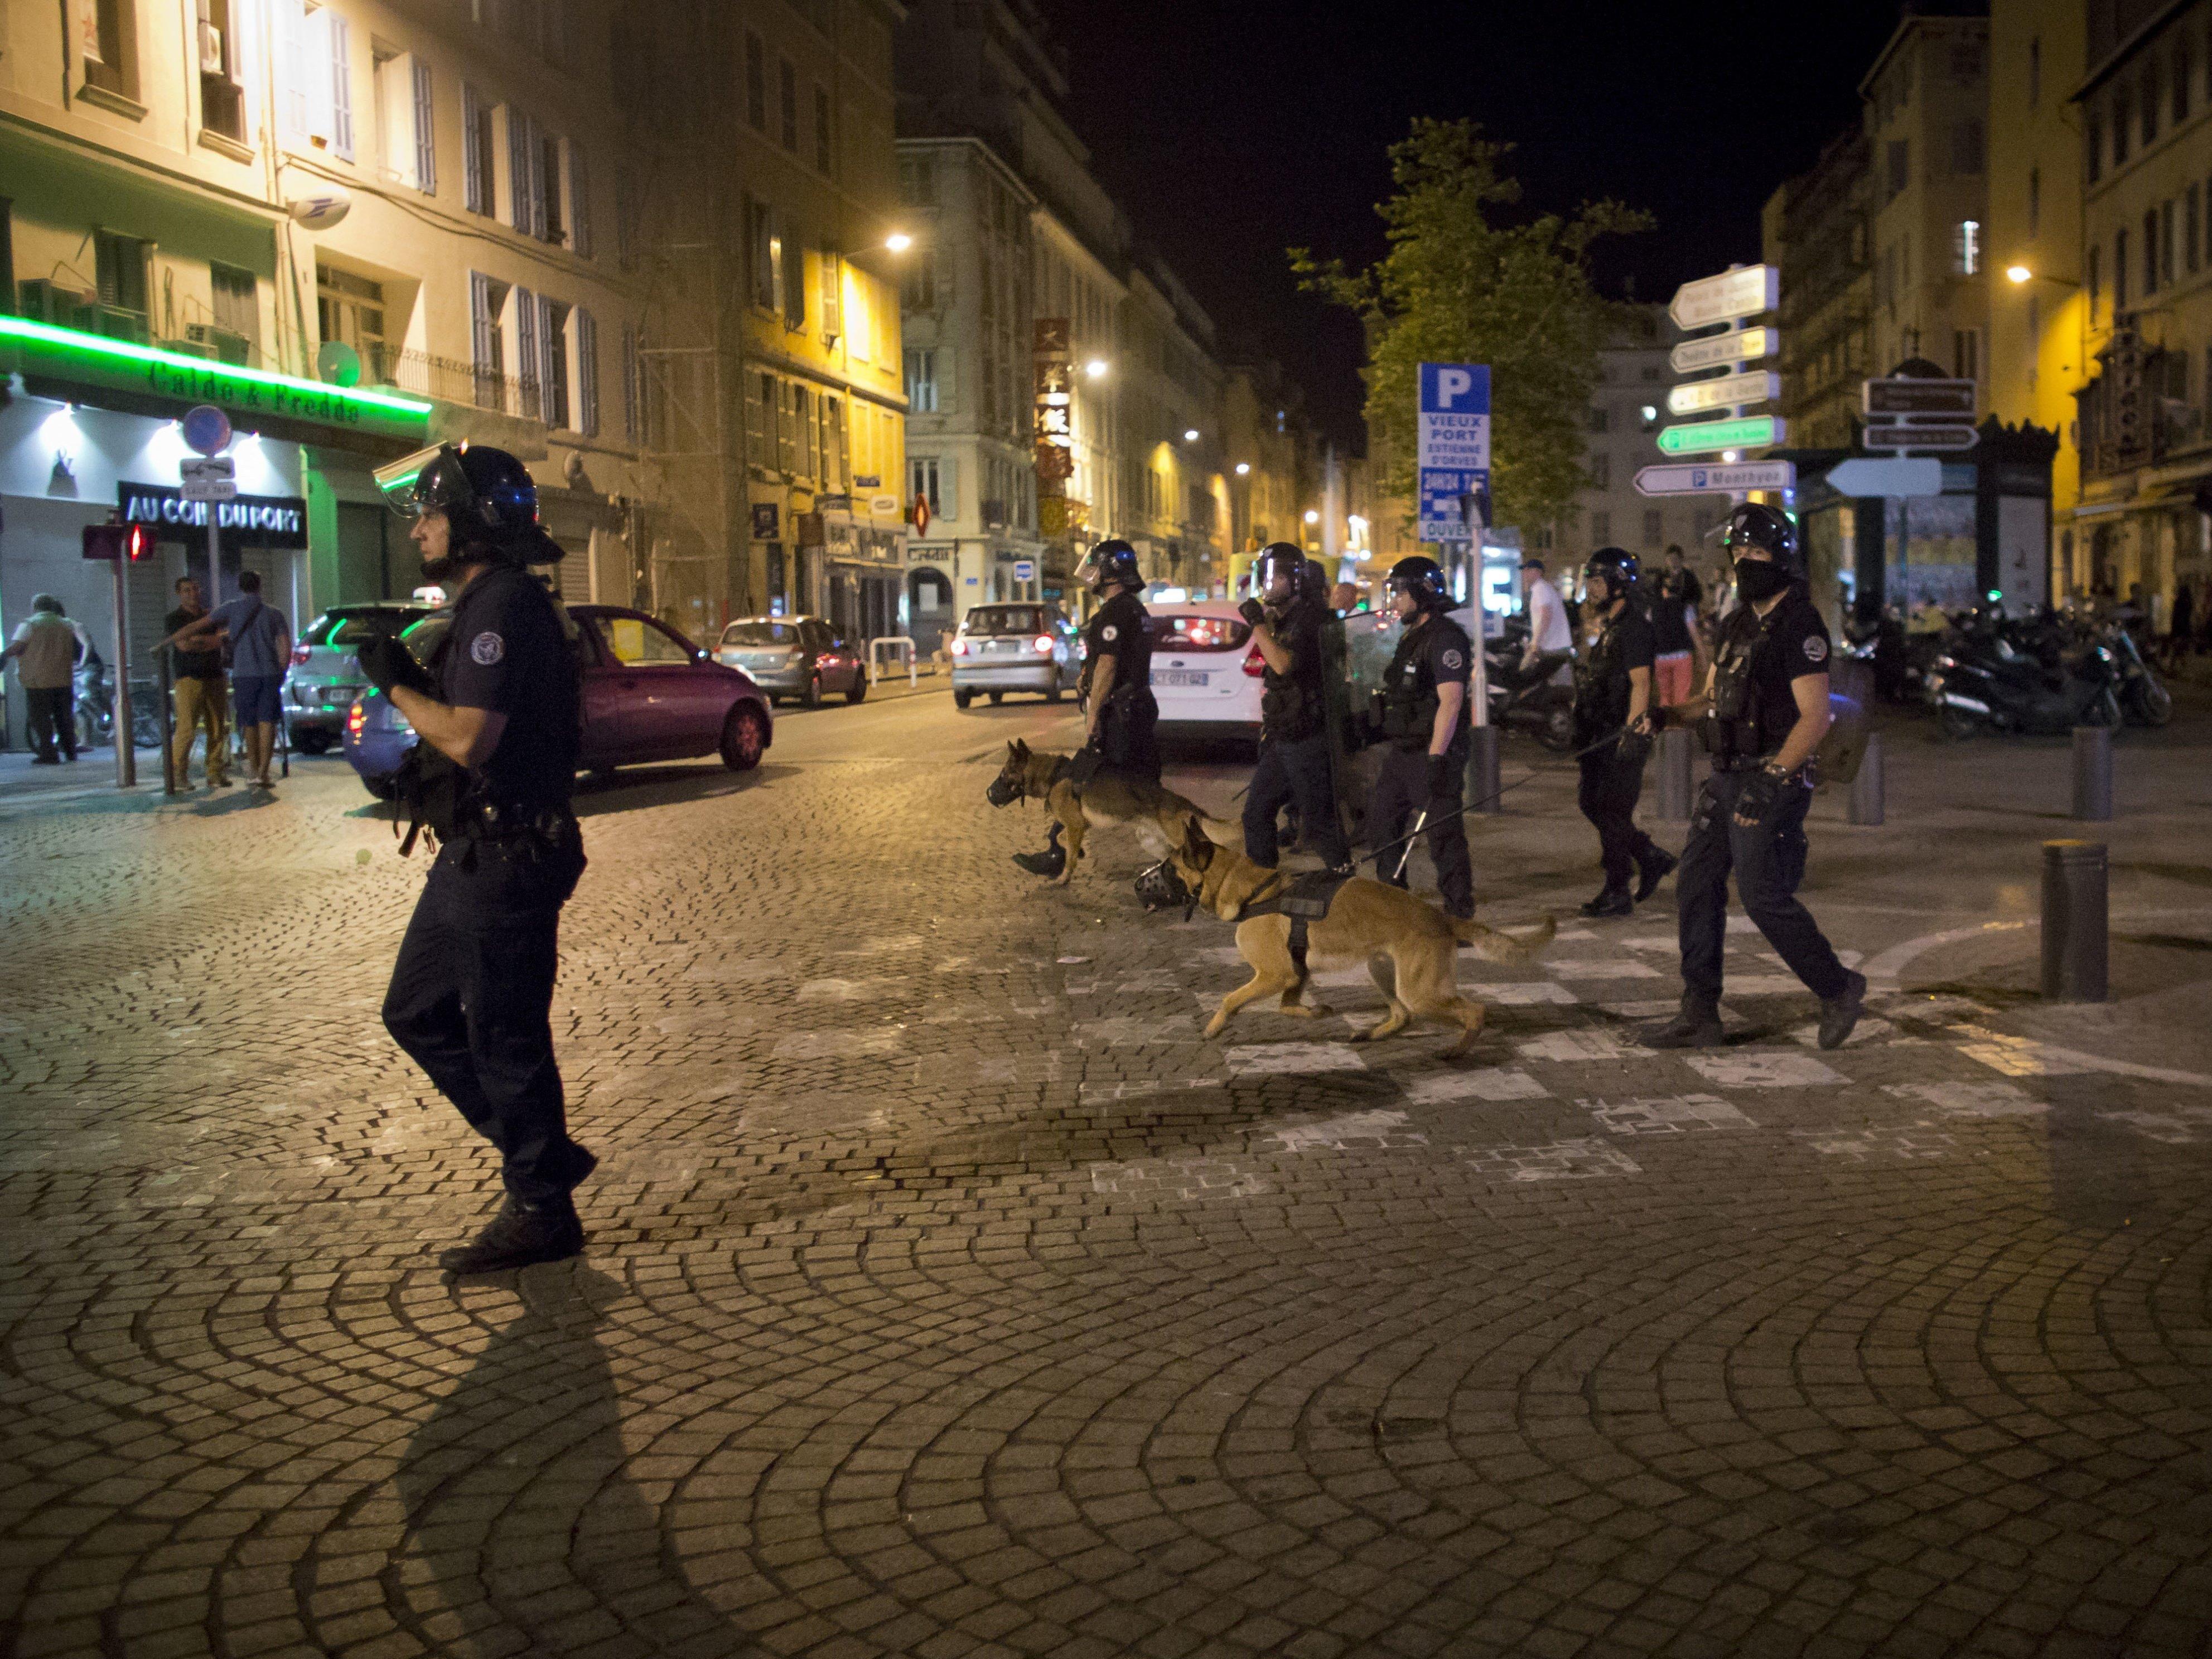 Polizei setzte Tränengas ein.